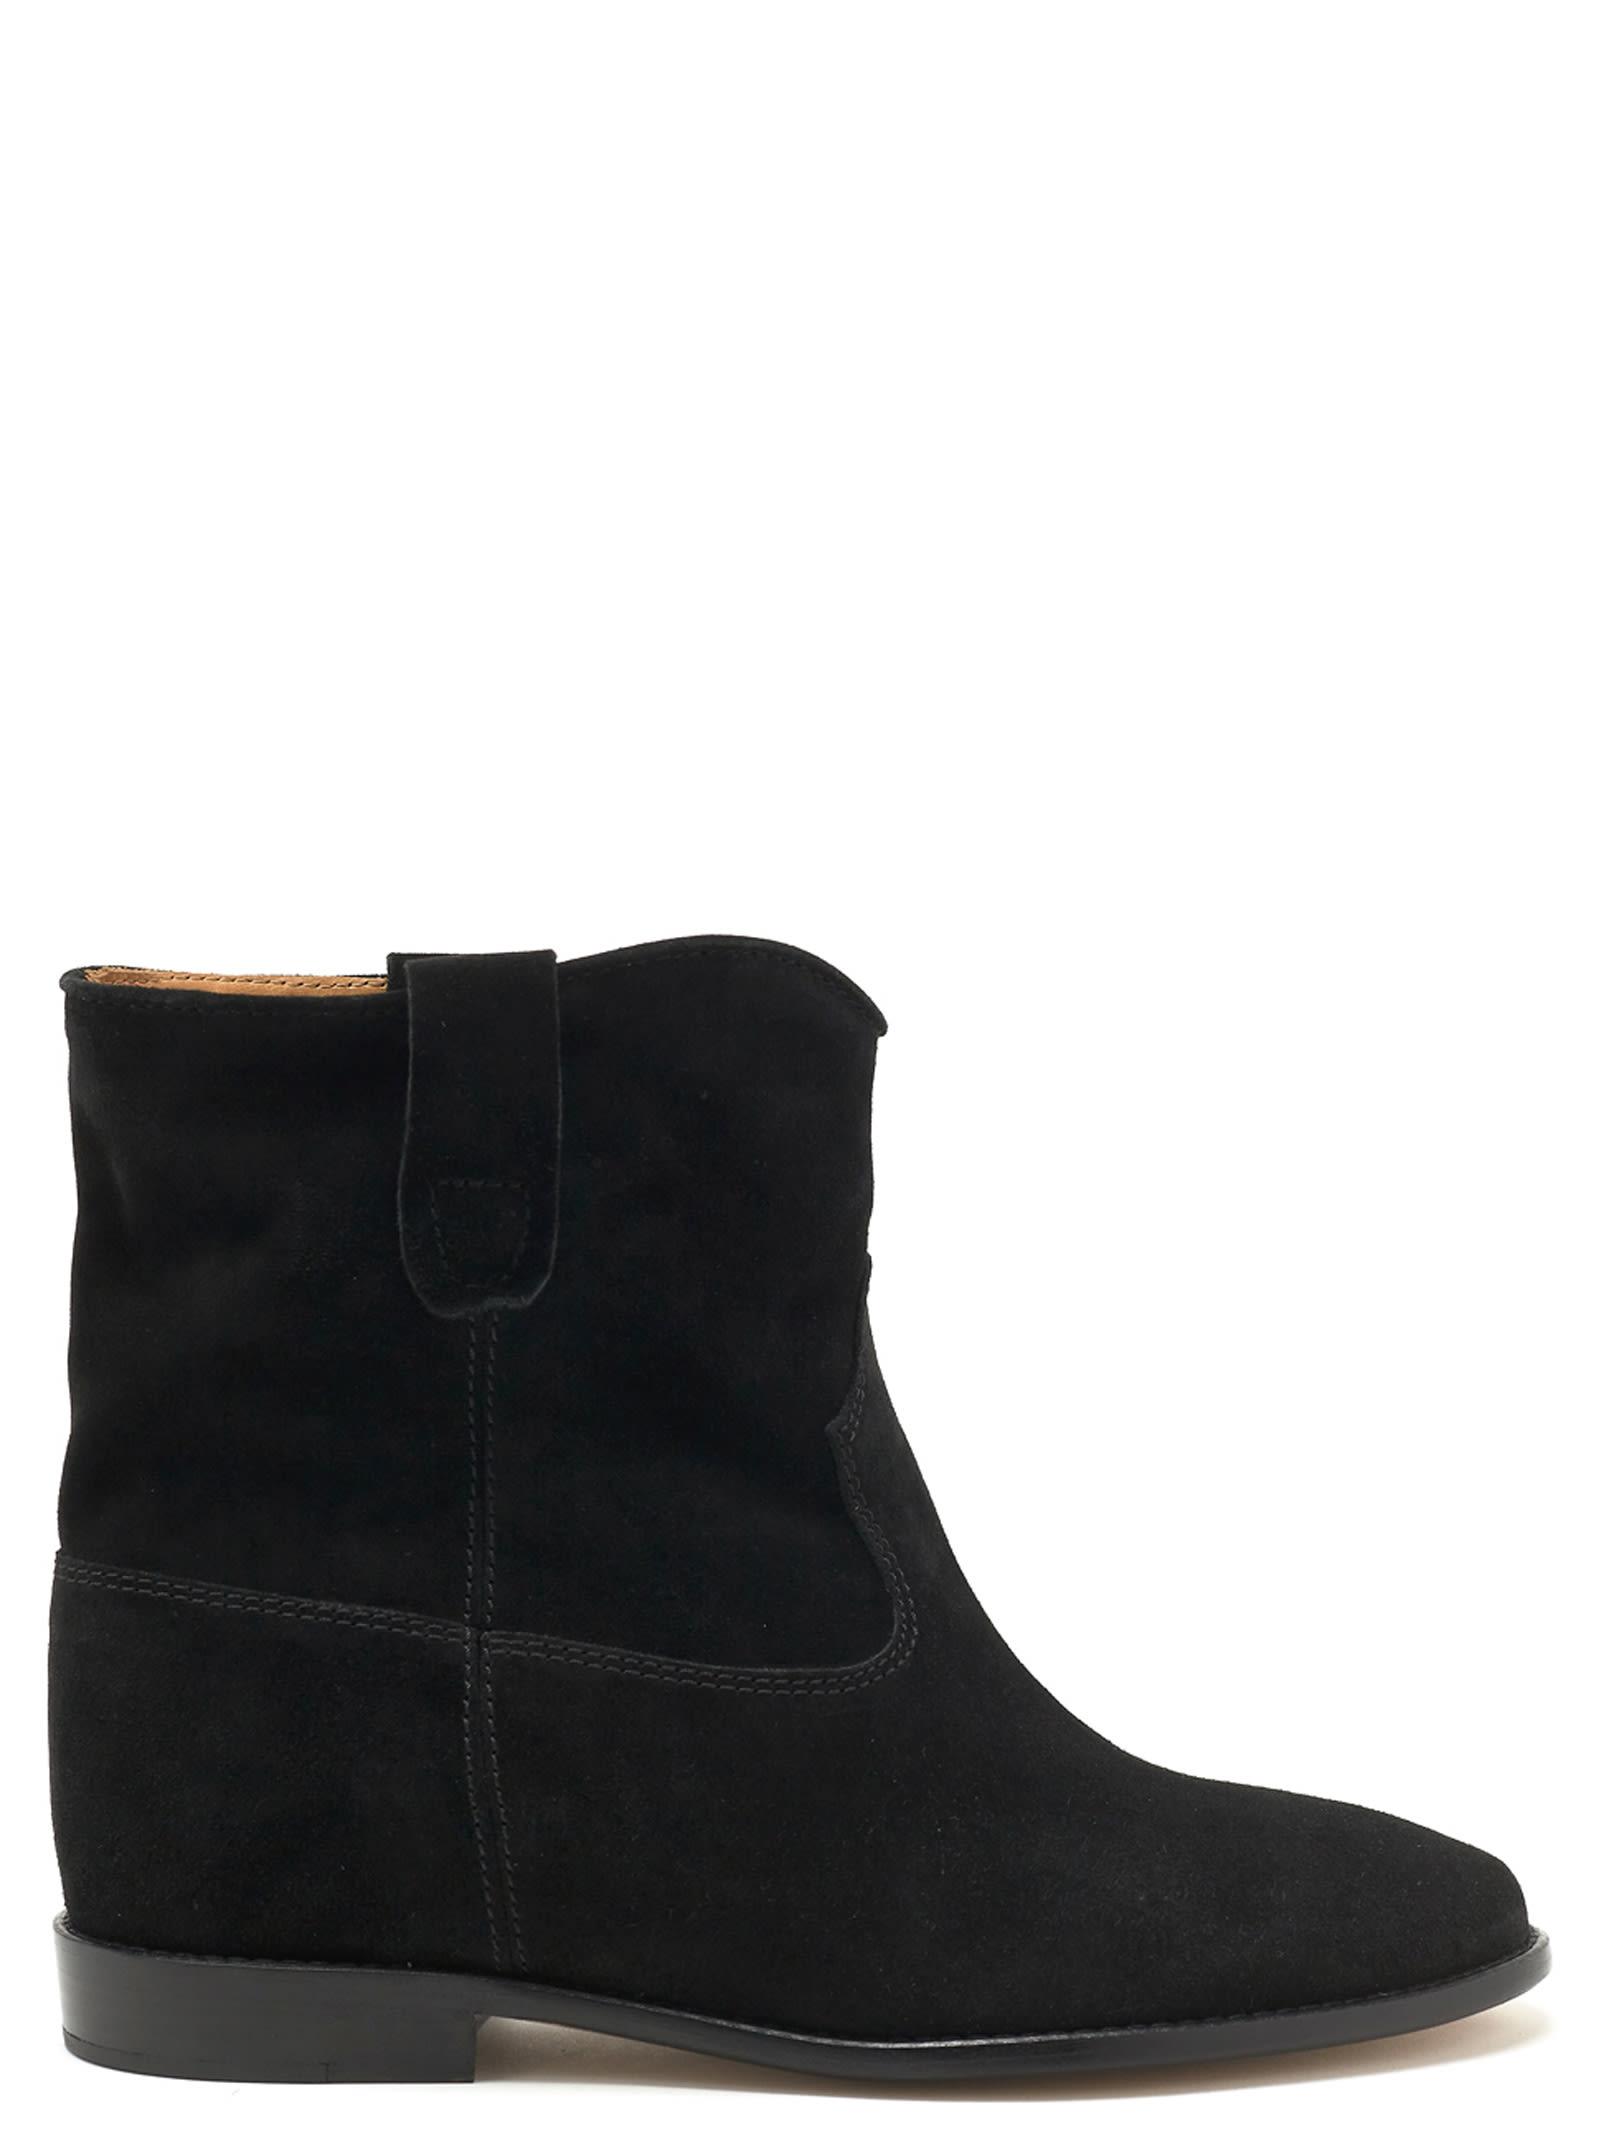 promo code be626 9c459 Isabel Marant Shoes